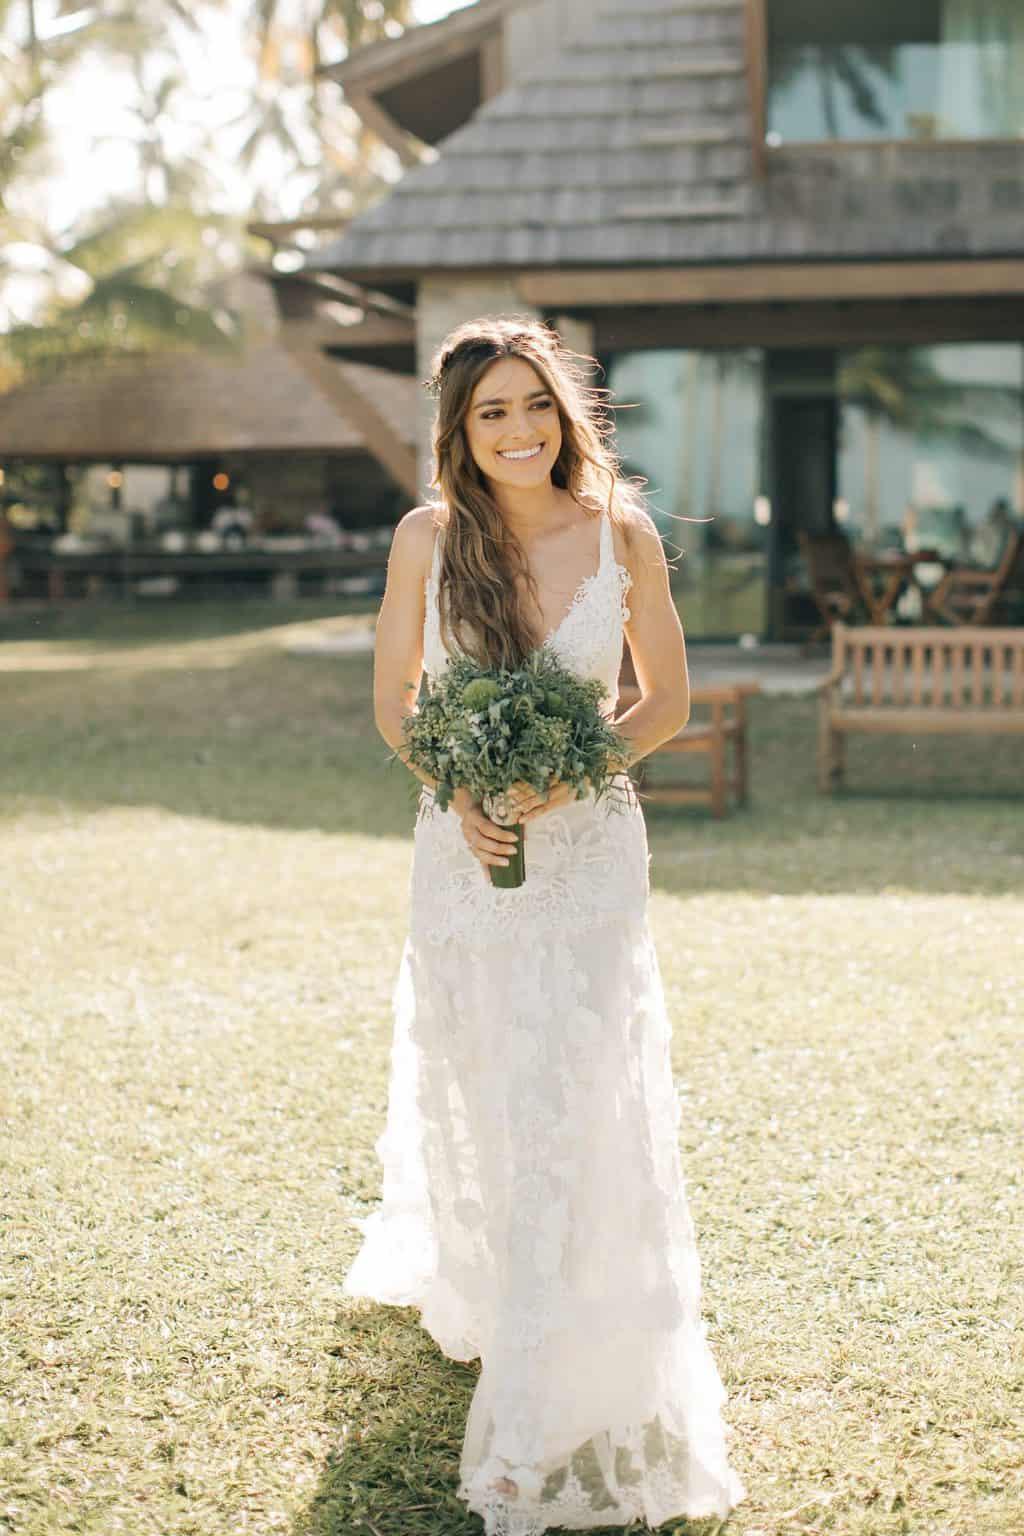 casamento-Danielle-e-Guilherme-aloha-fotografia-caseme-34